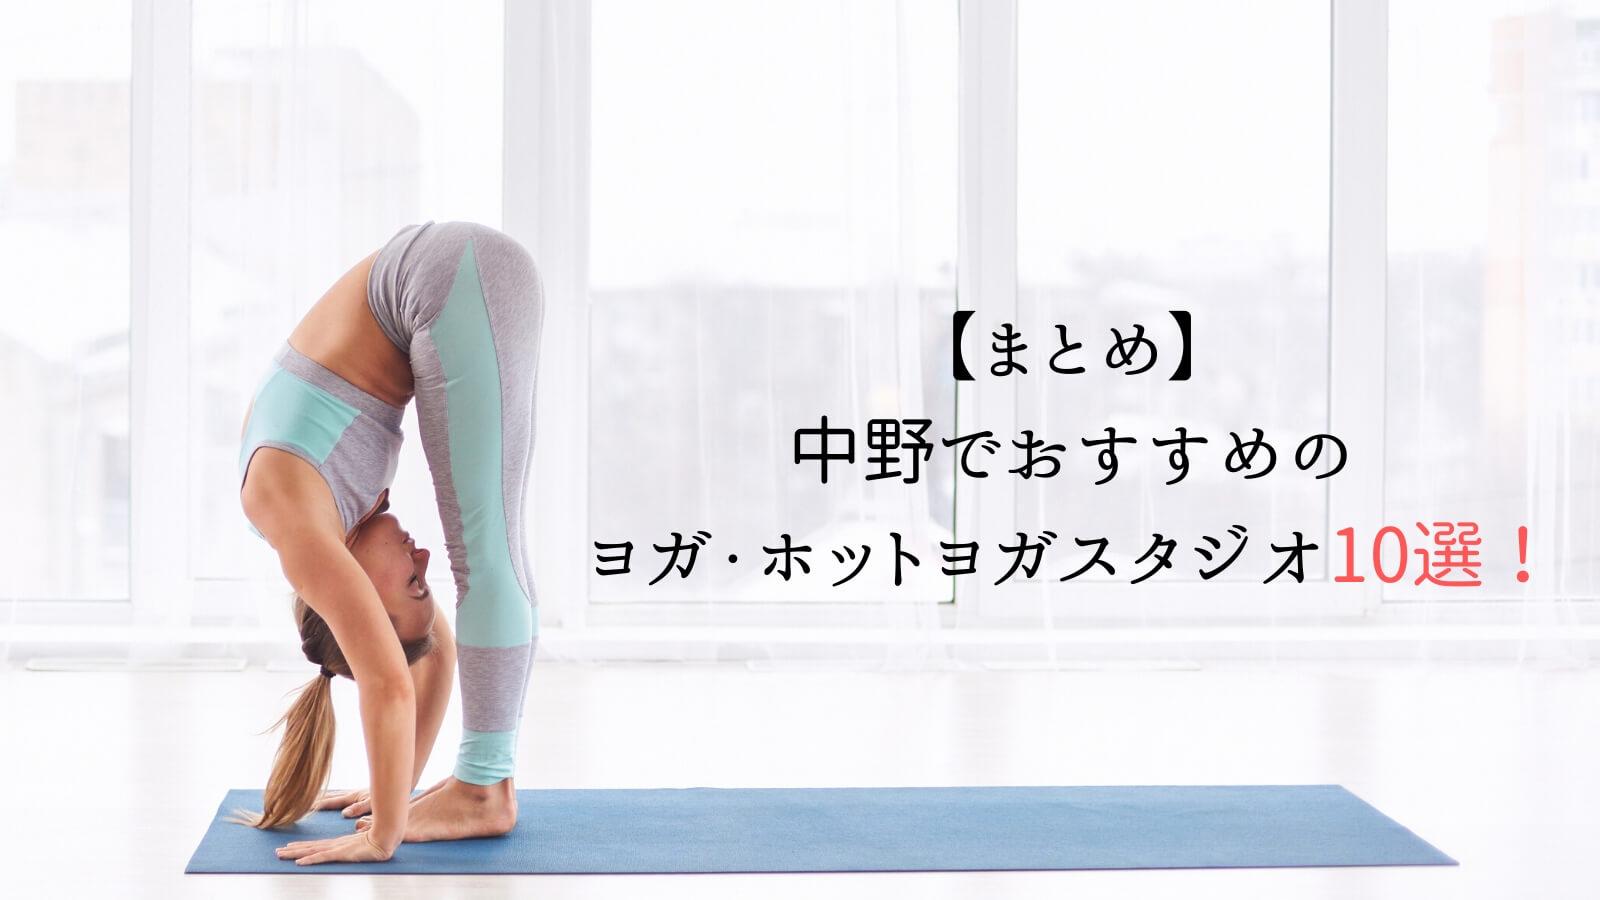 【まとめ】中野でおすすめのヨガ・ホットヨガスタジオ10選